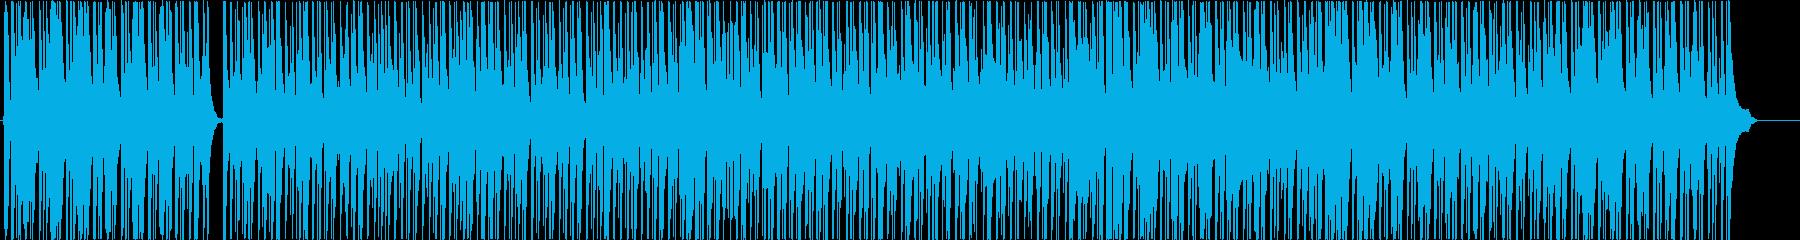 森を元気に行進♪お散歩ウクレレ・日常の再生済みの波形